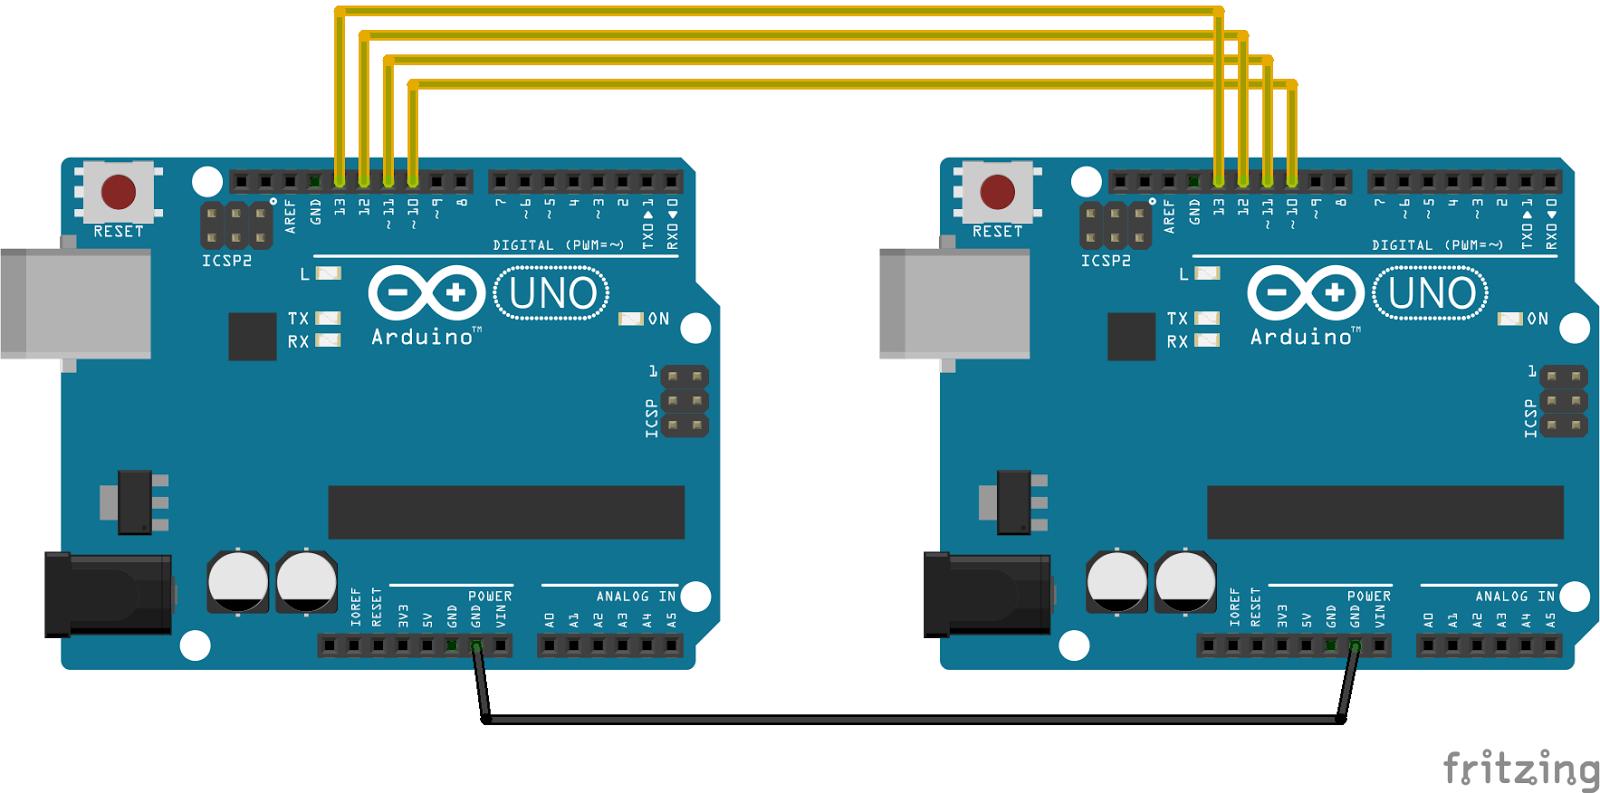 Arduino-er: Communication betweeen Arduinos using SPI